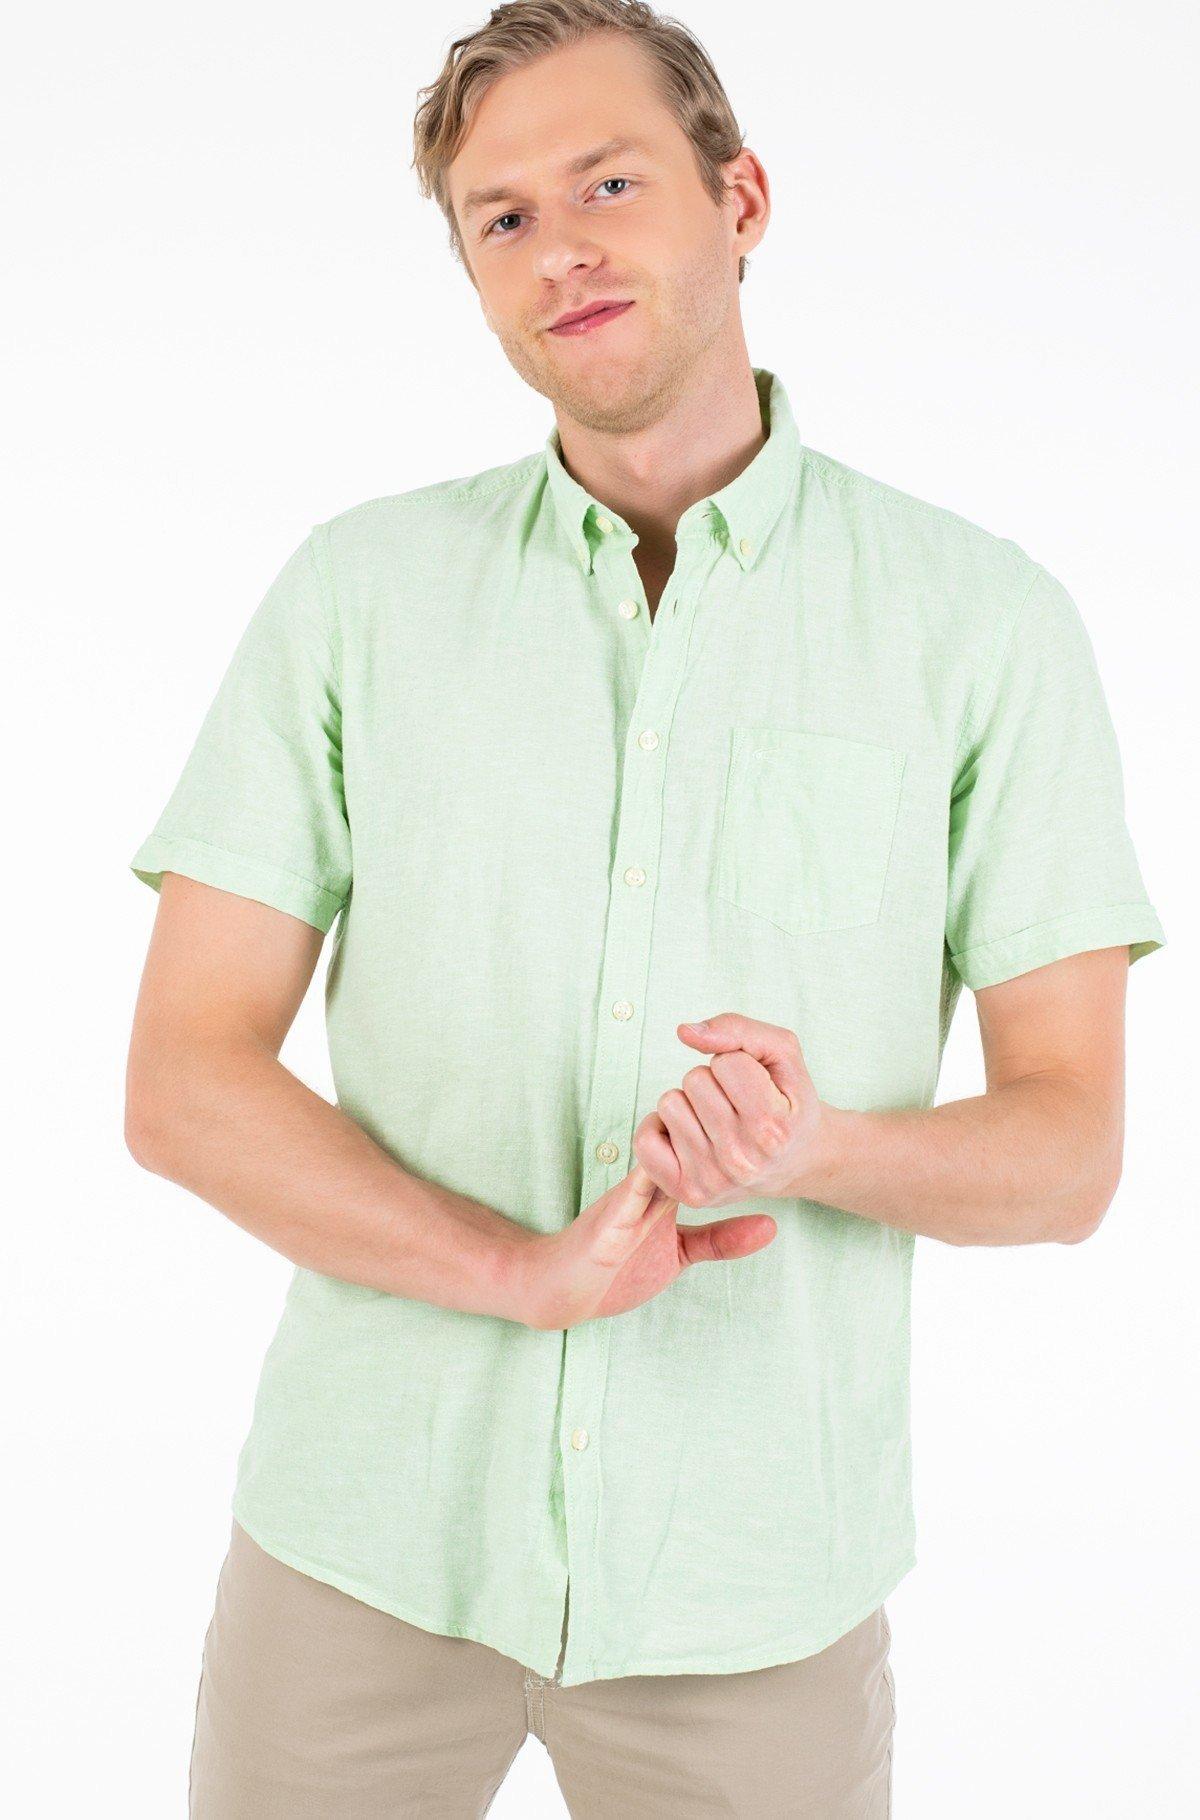 Marškiniai su trumpomis rankovėmis 409225/3S36-full-1